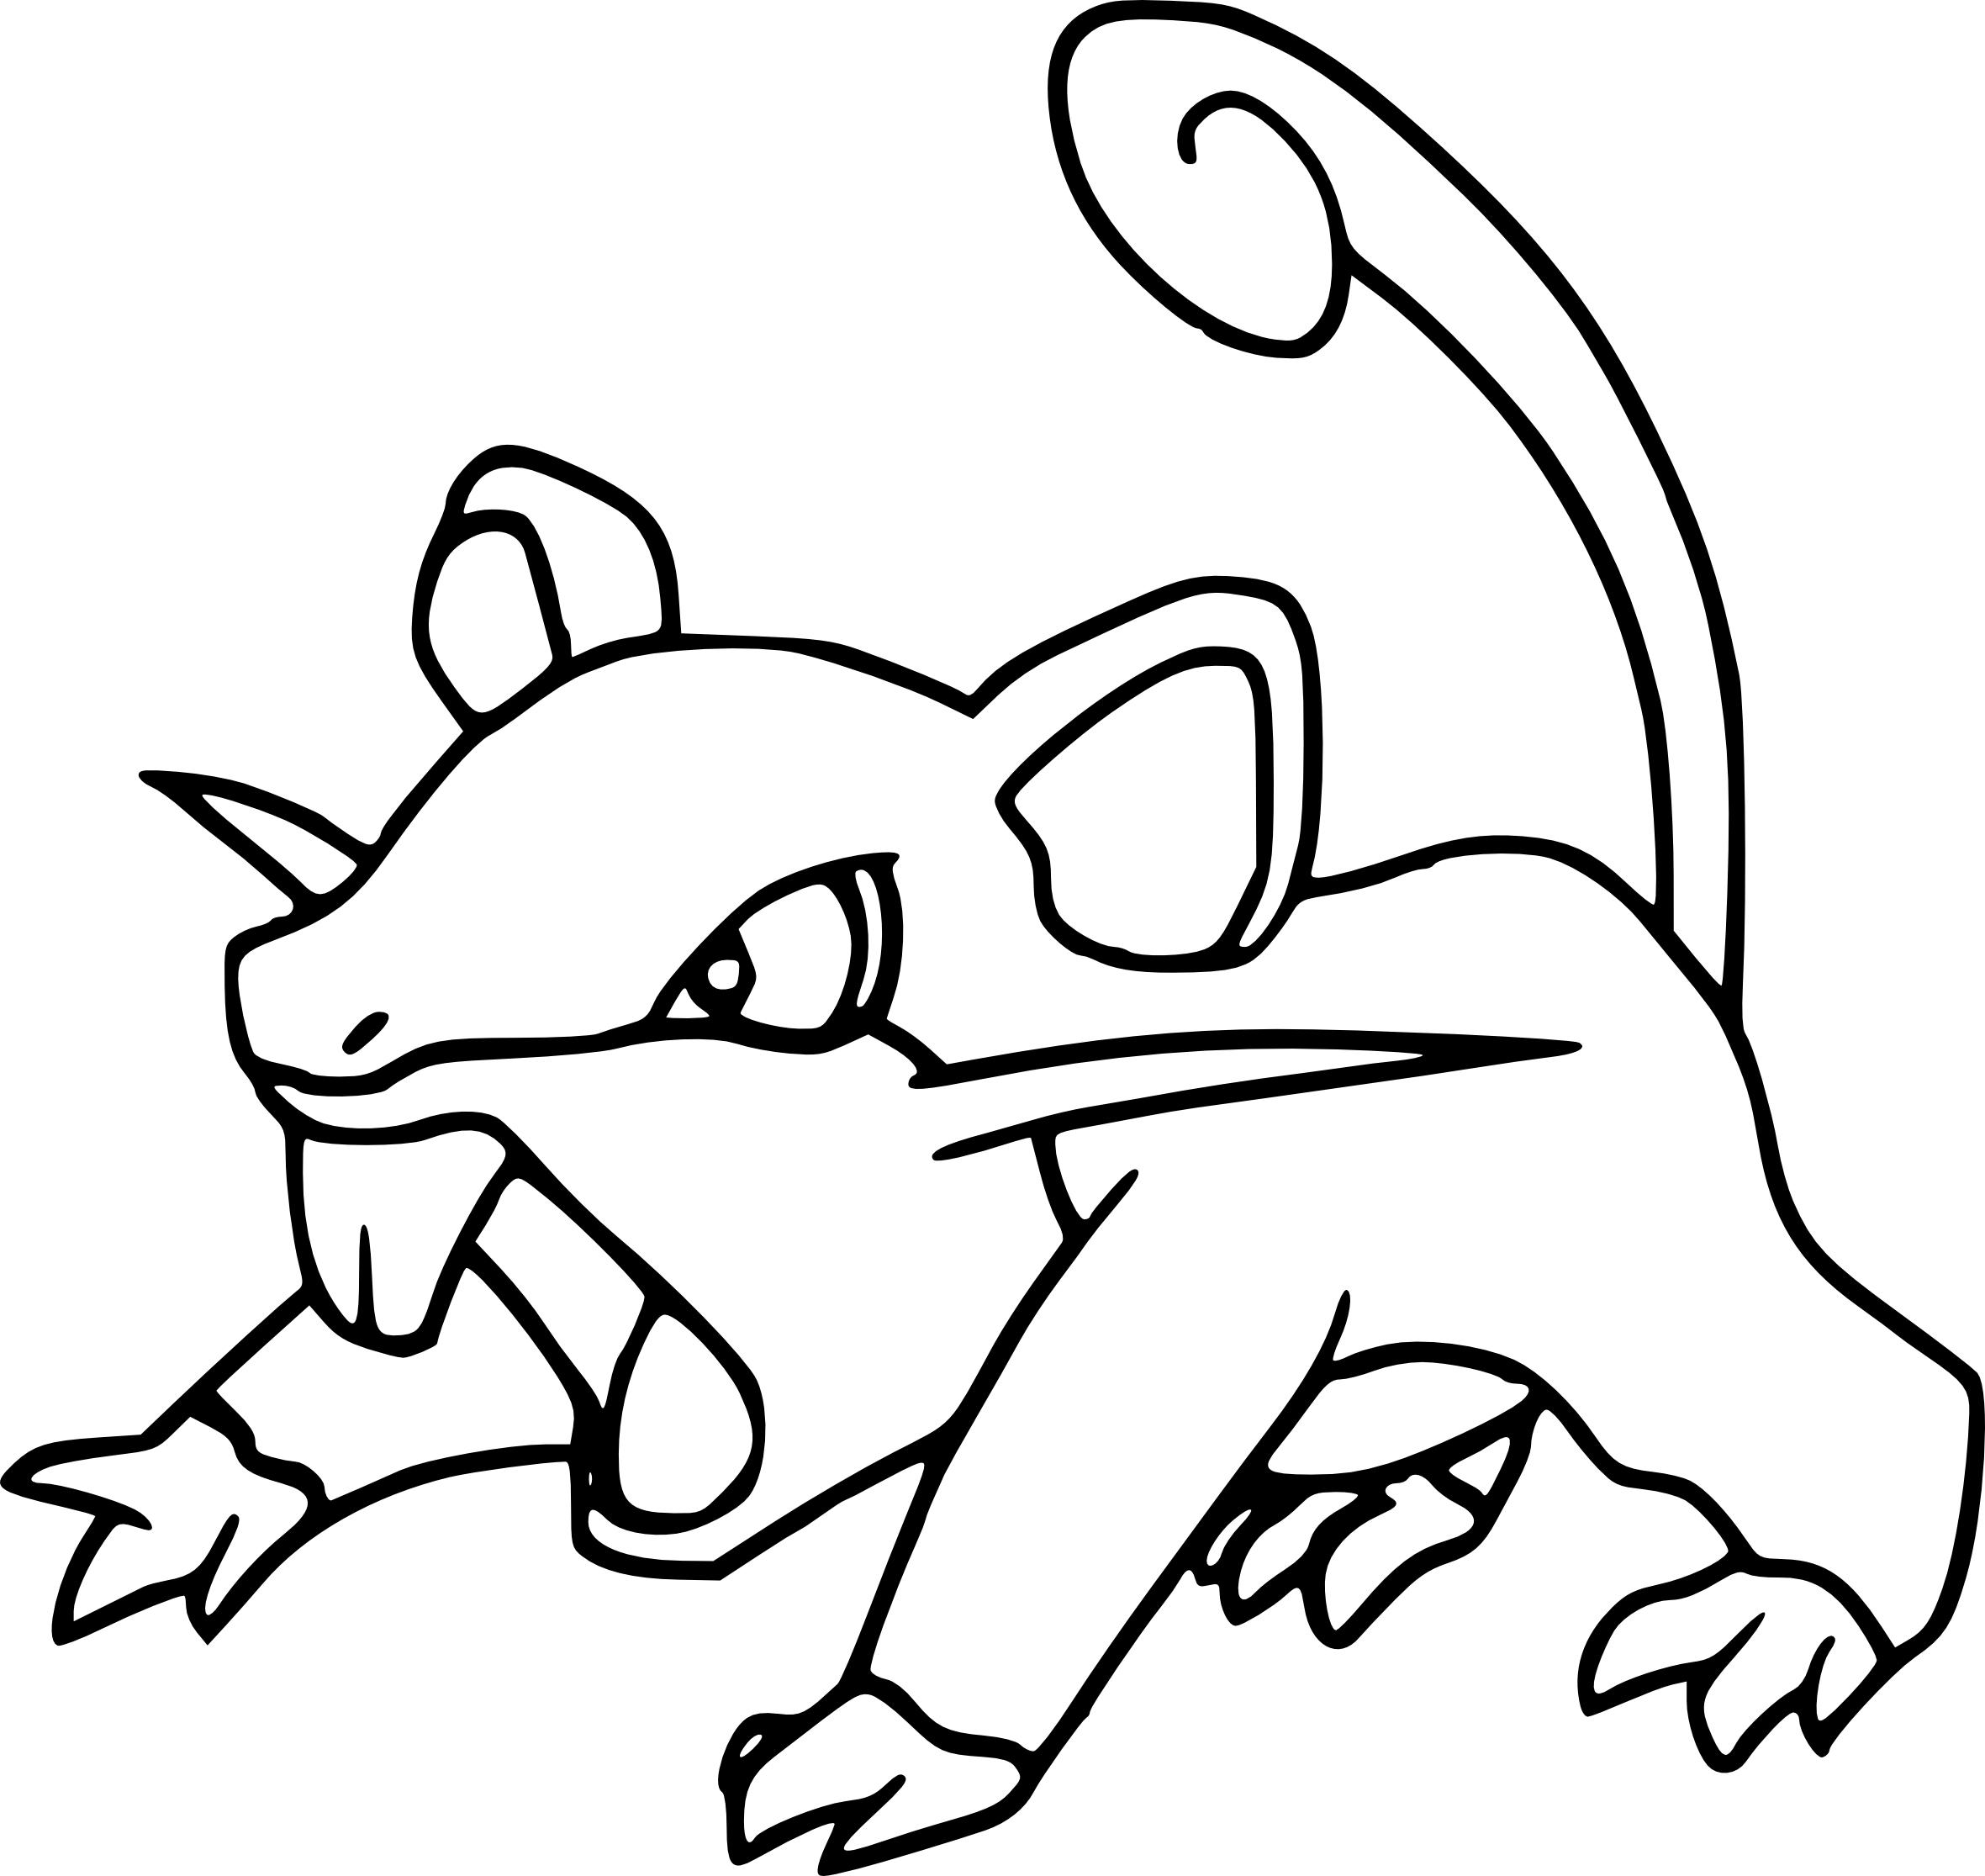 Coloriage Rattata Pokemon A Imprimer